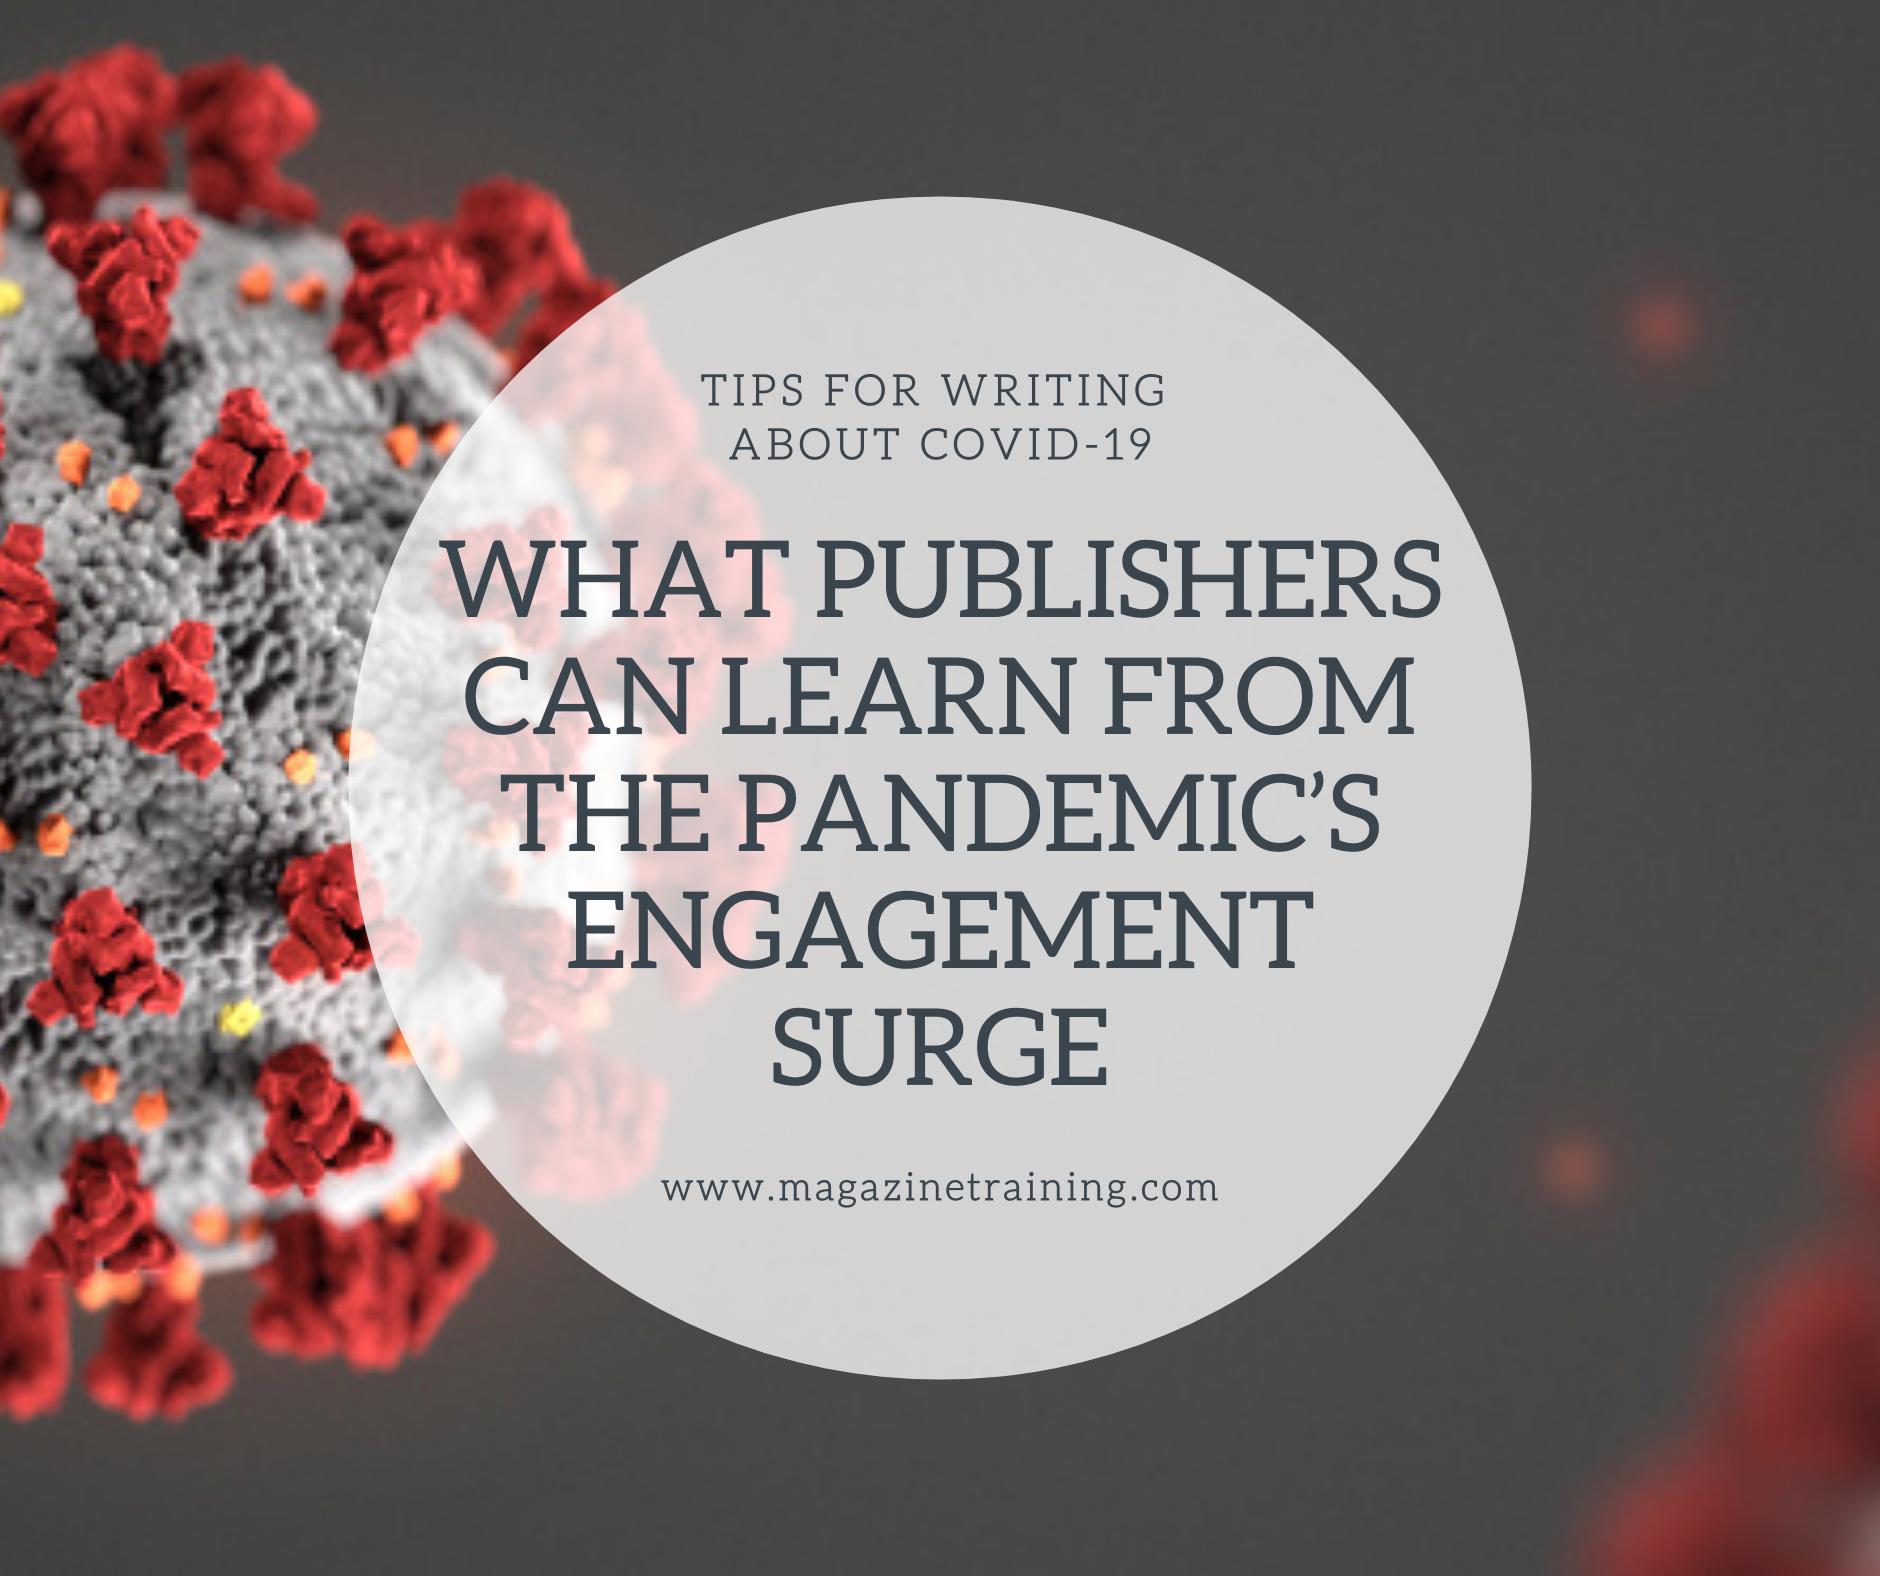 pandemic's engagement surge